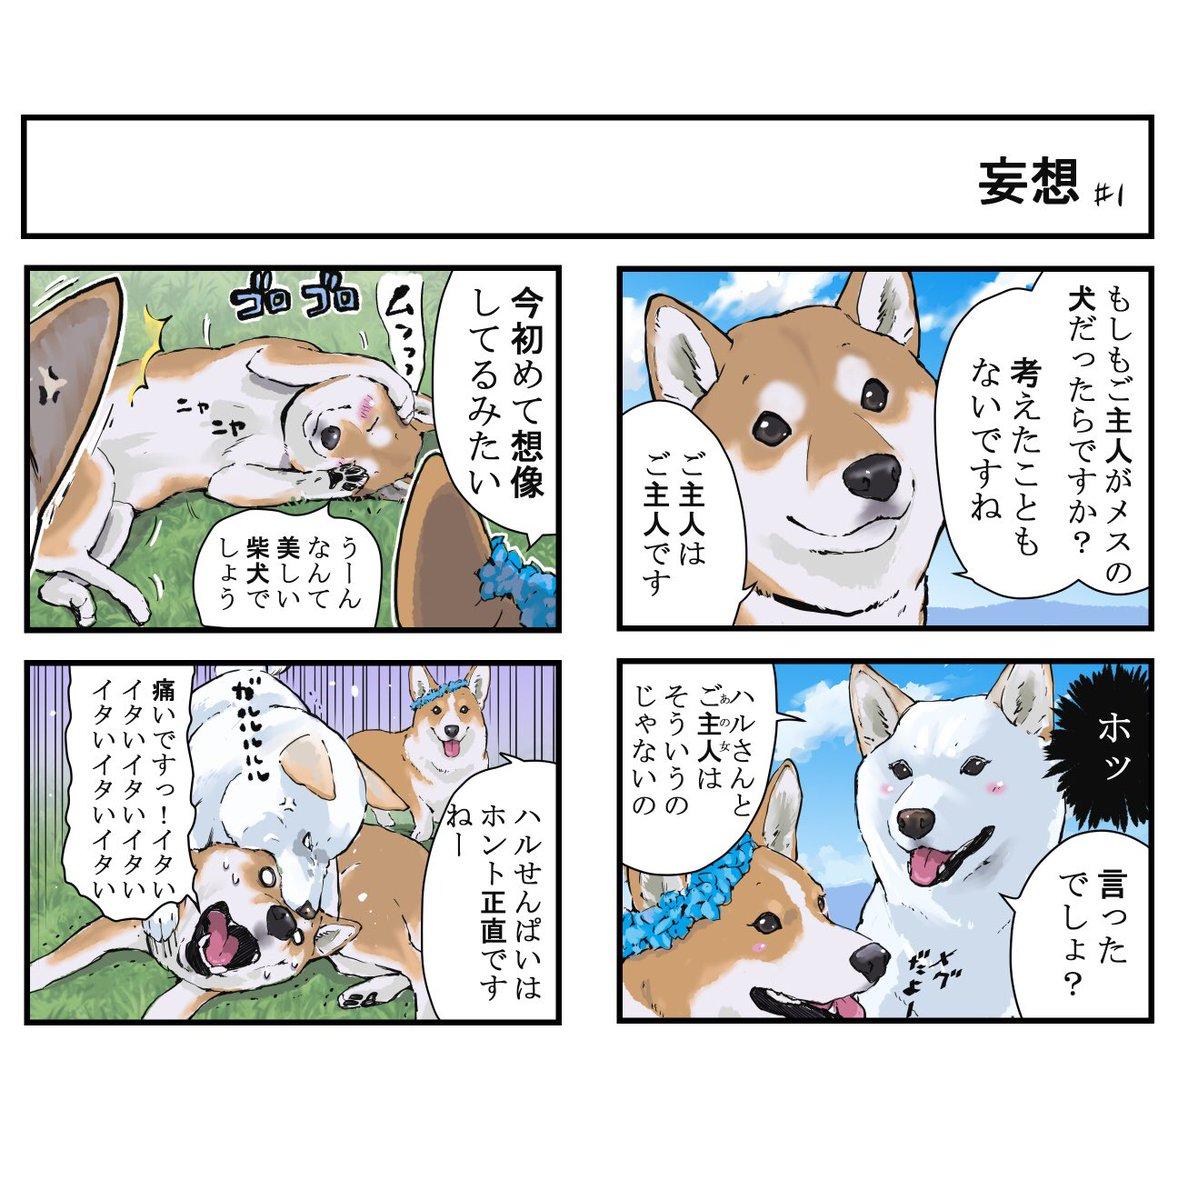 世界の終わりに柴犬と犬と飼い主の妄想